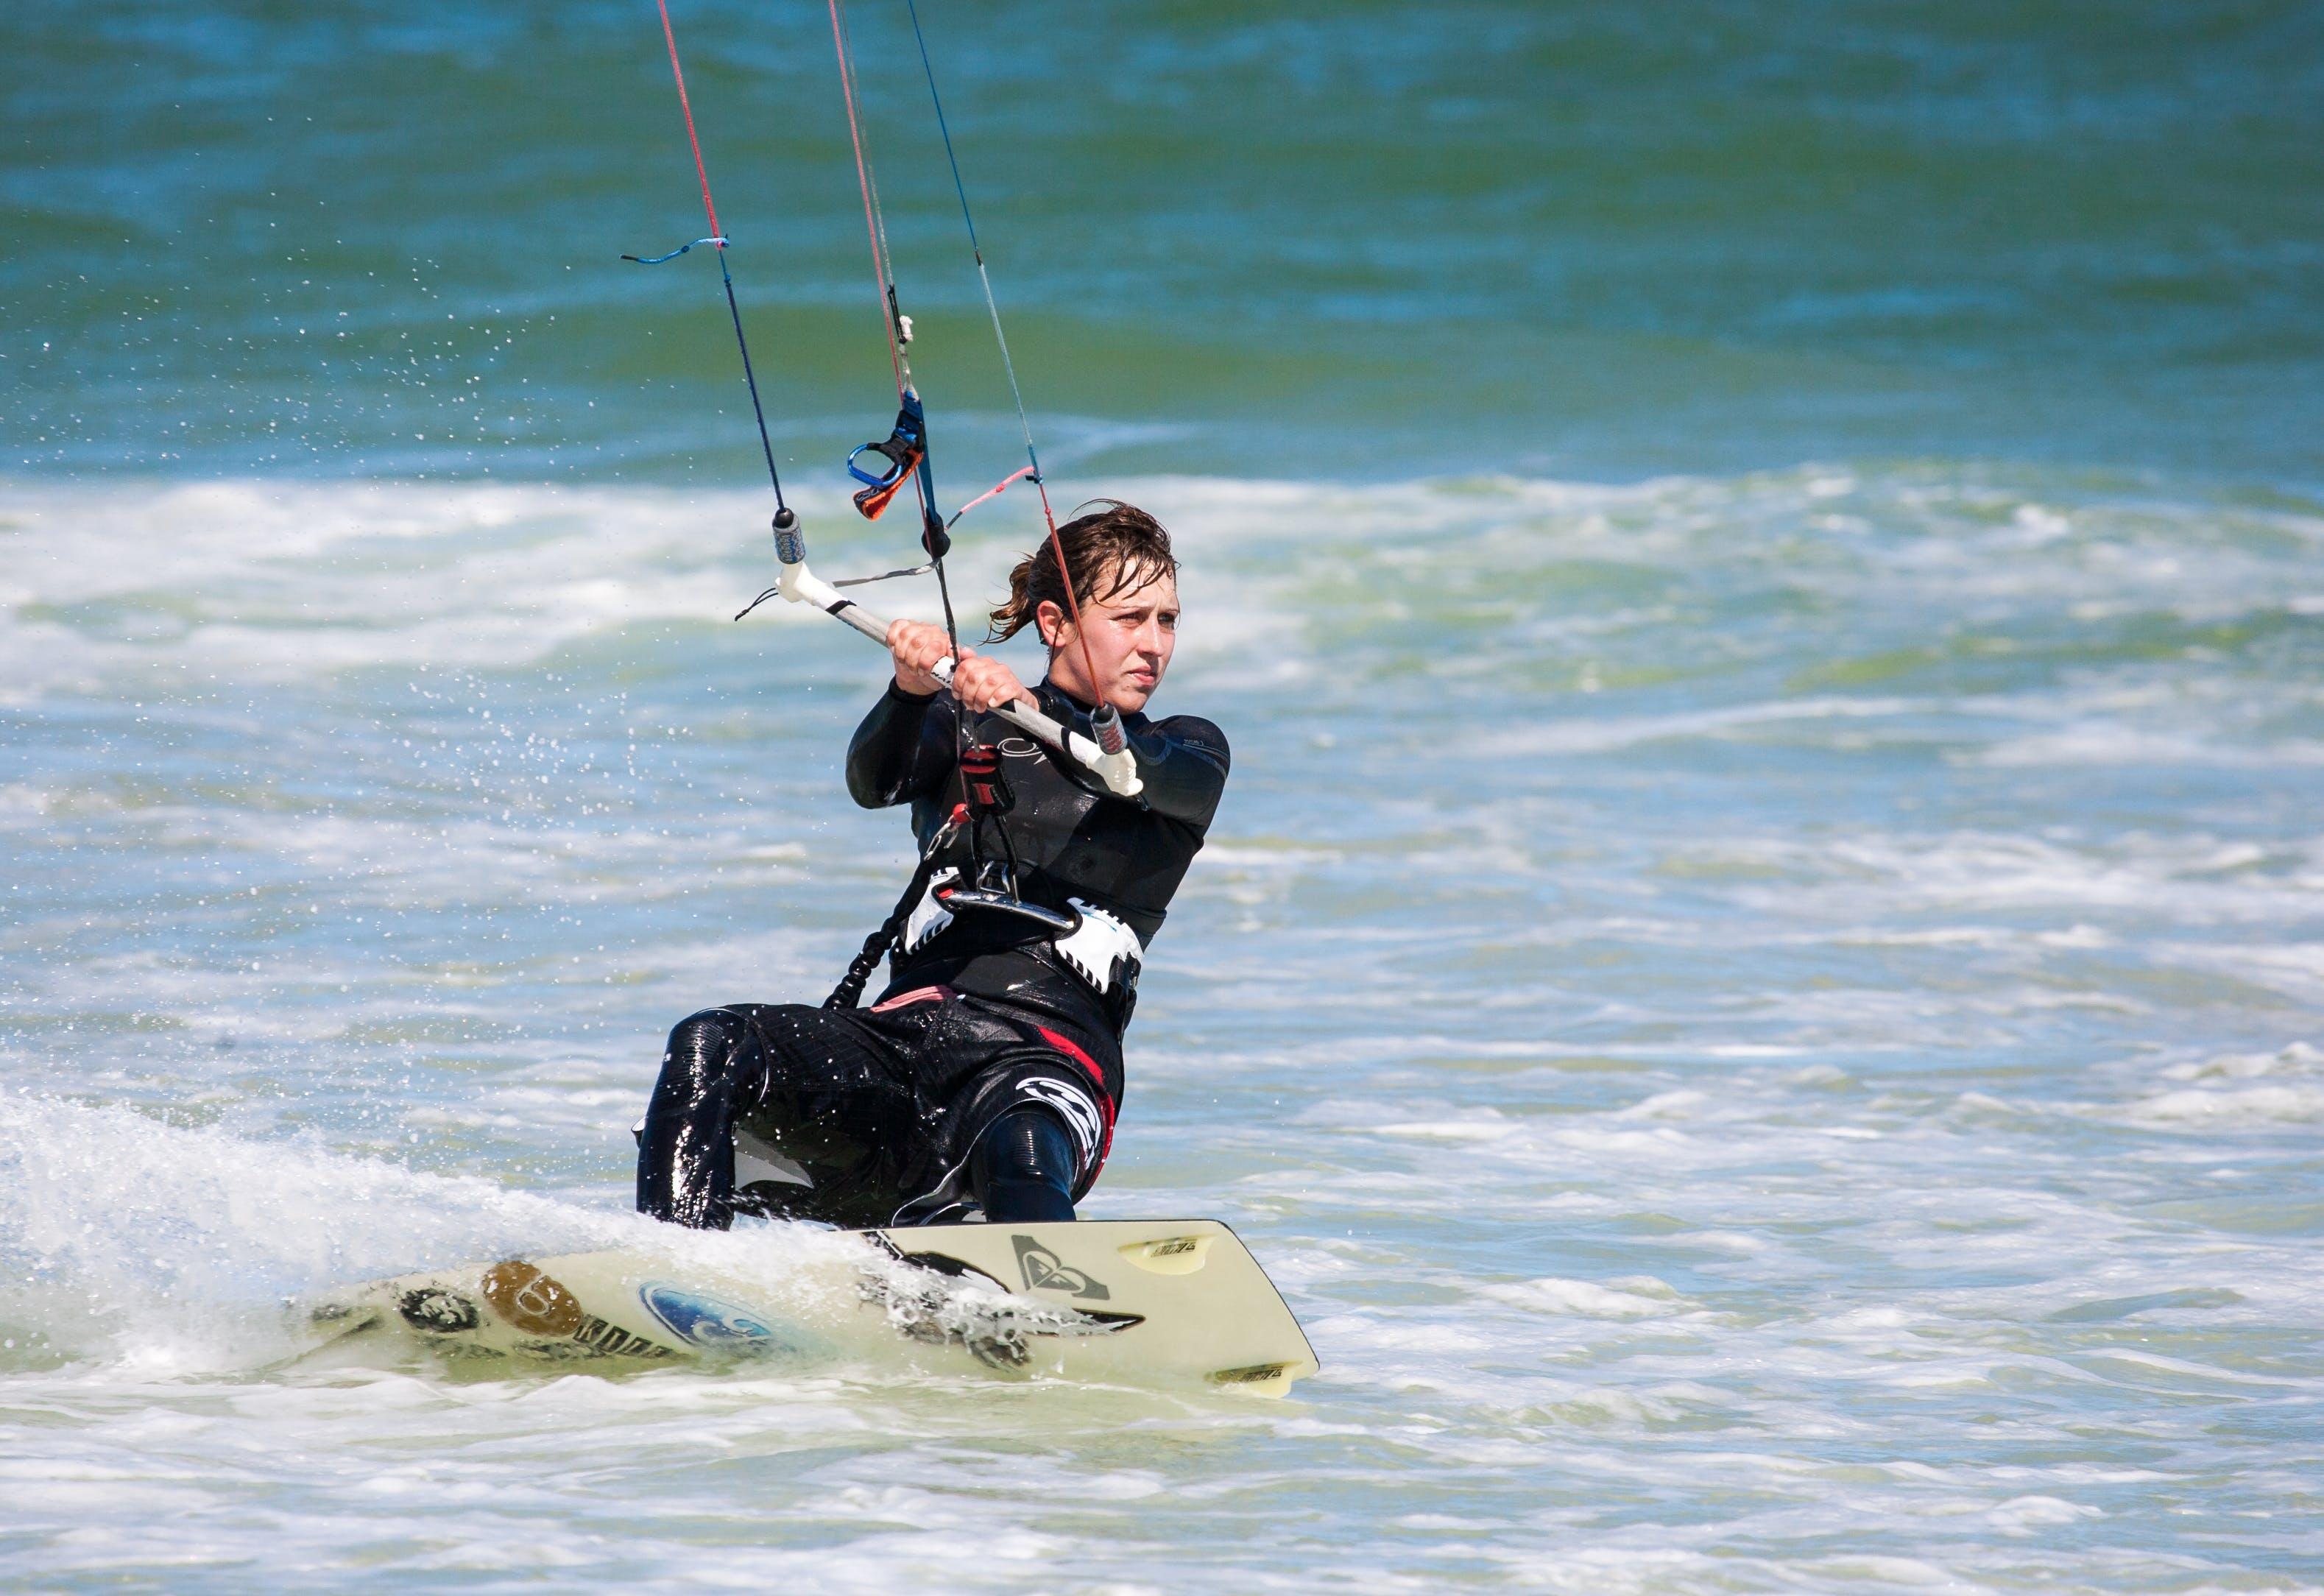 Ảnh lưu trữ miễn phí về biển, bờ biển, các môn thể thao, cánh diều